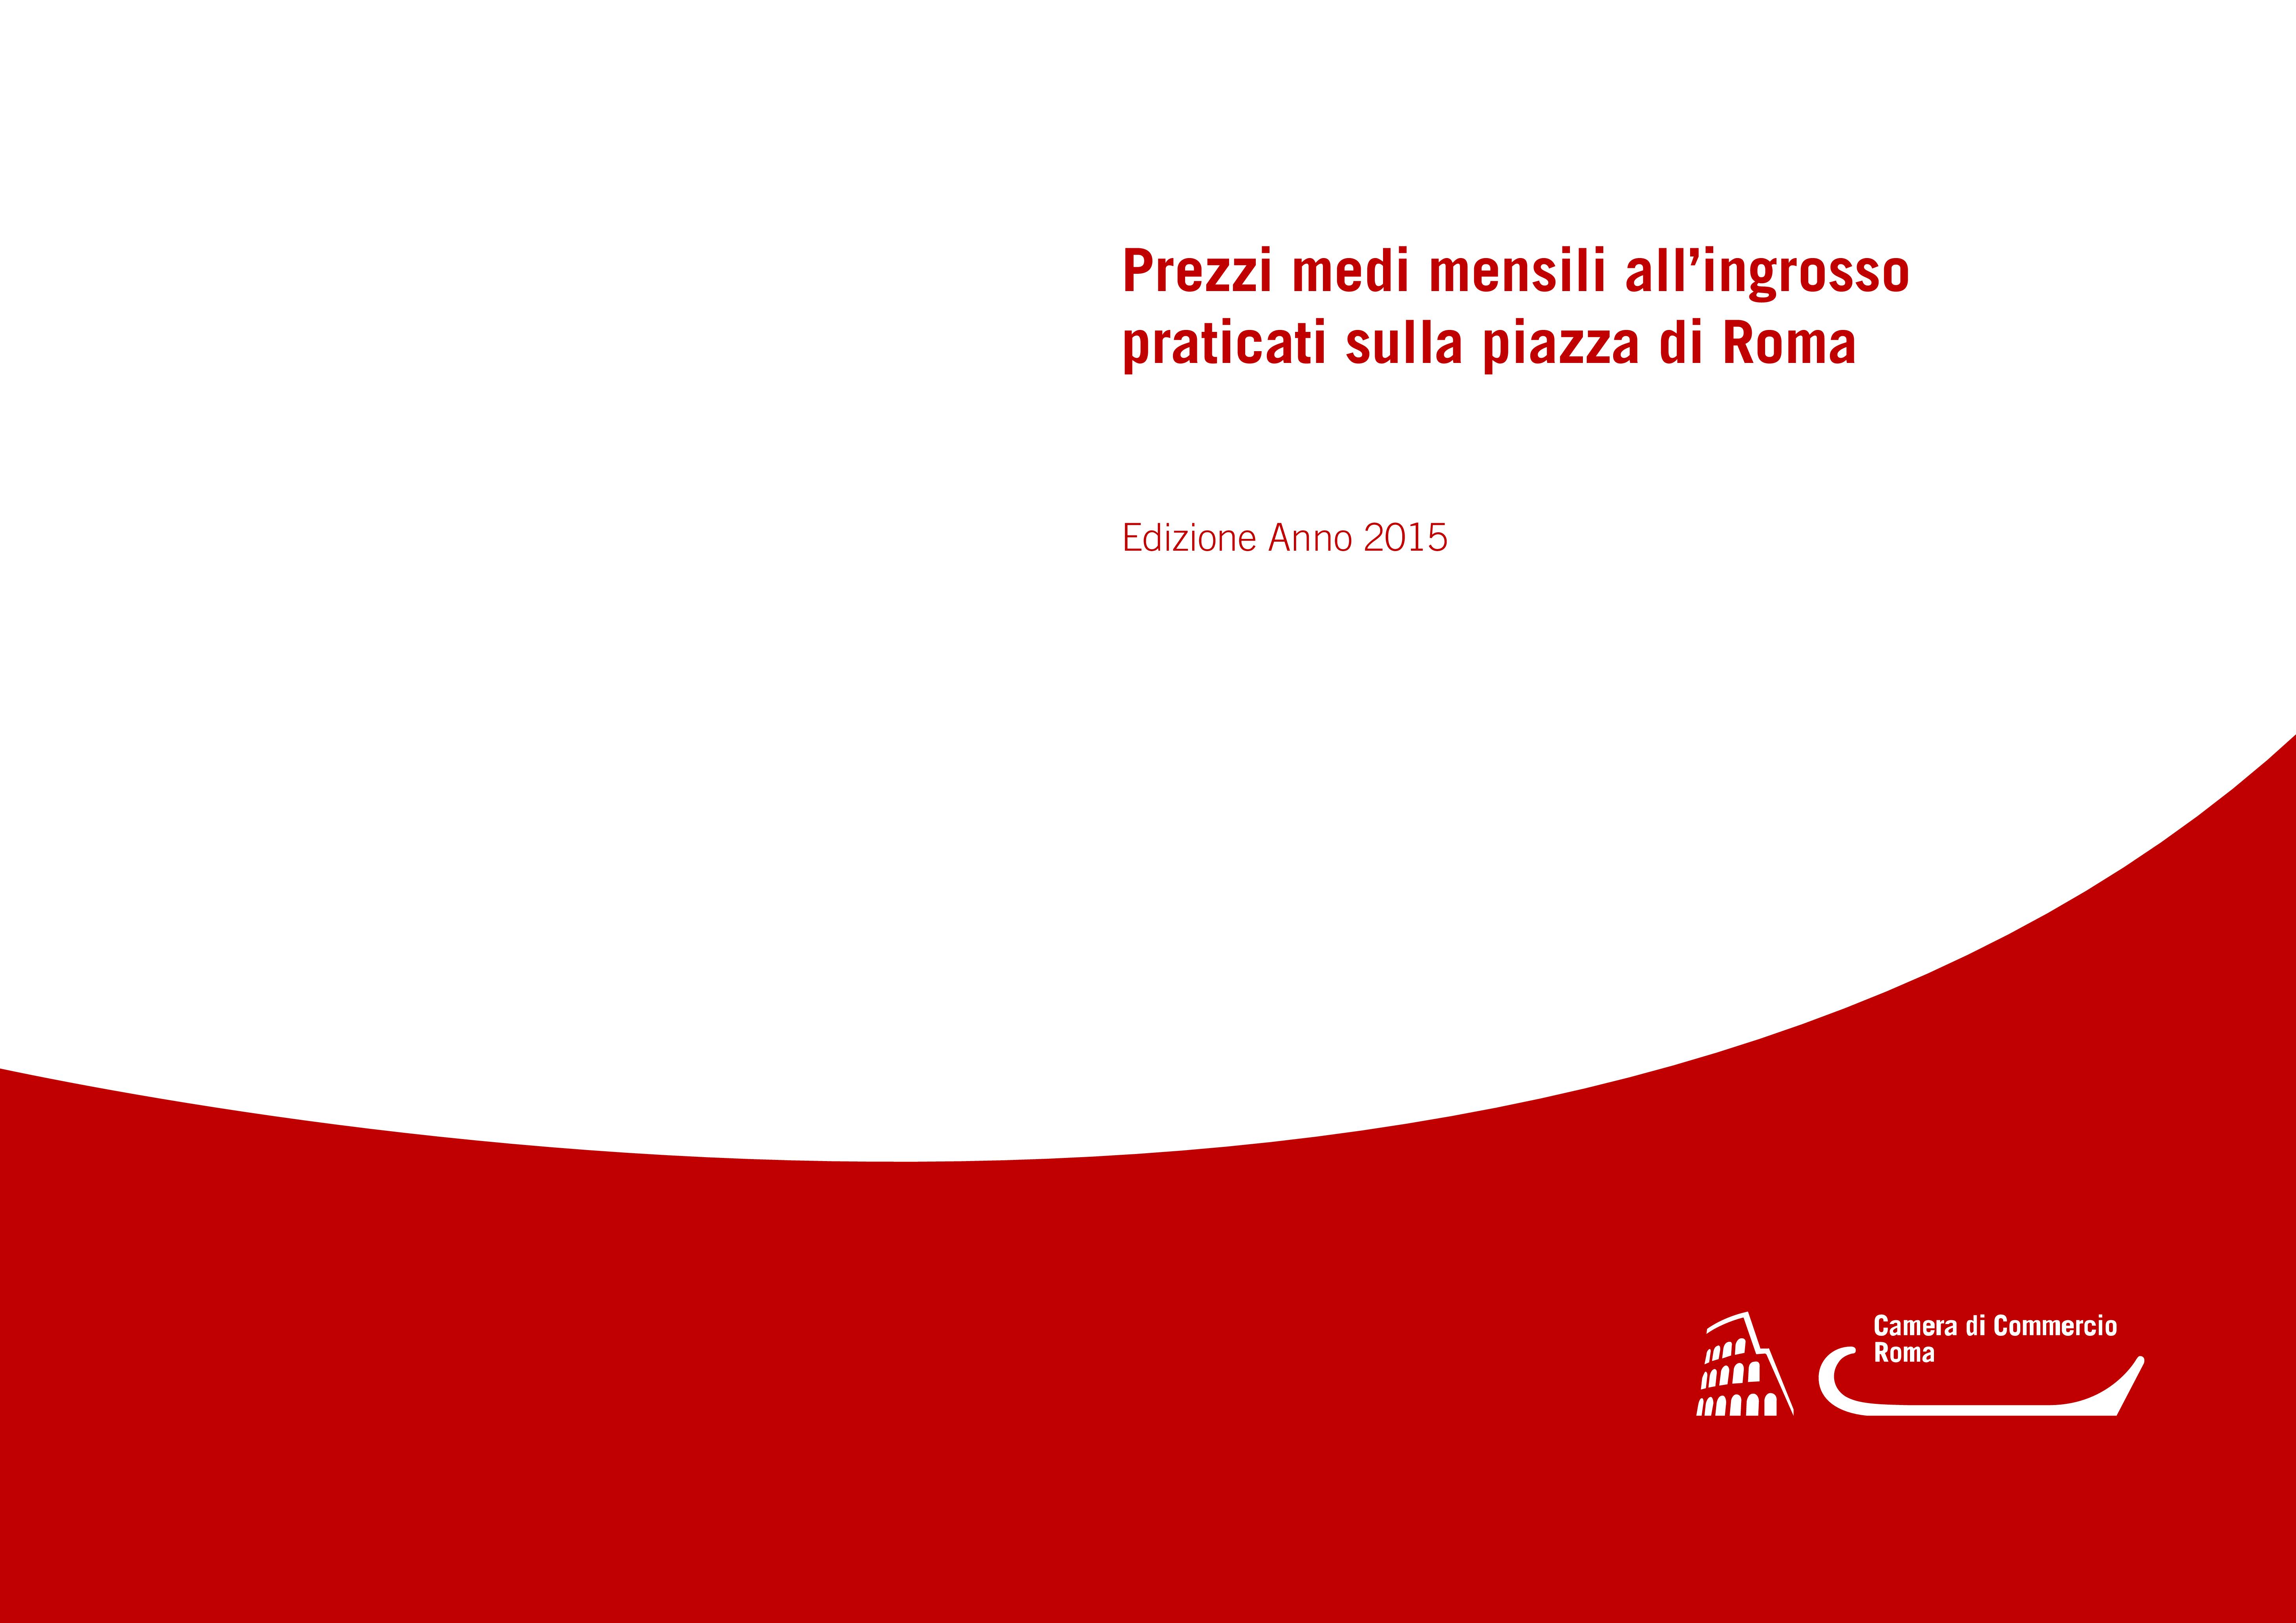 Prezzi medi mensili all'ingrosso praticati sulla piazza di Roma - Anno 2015